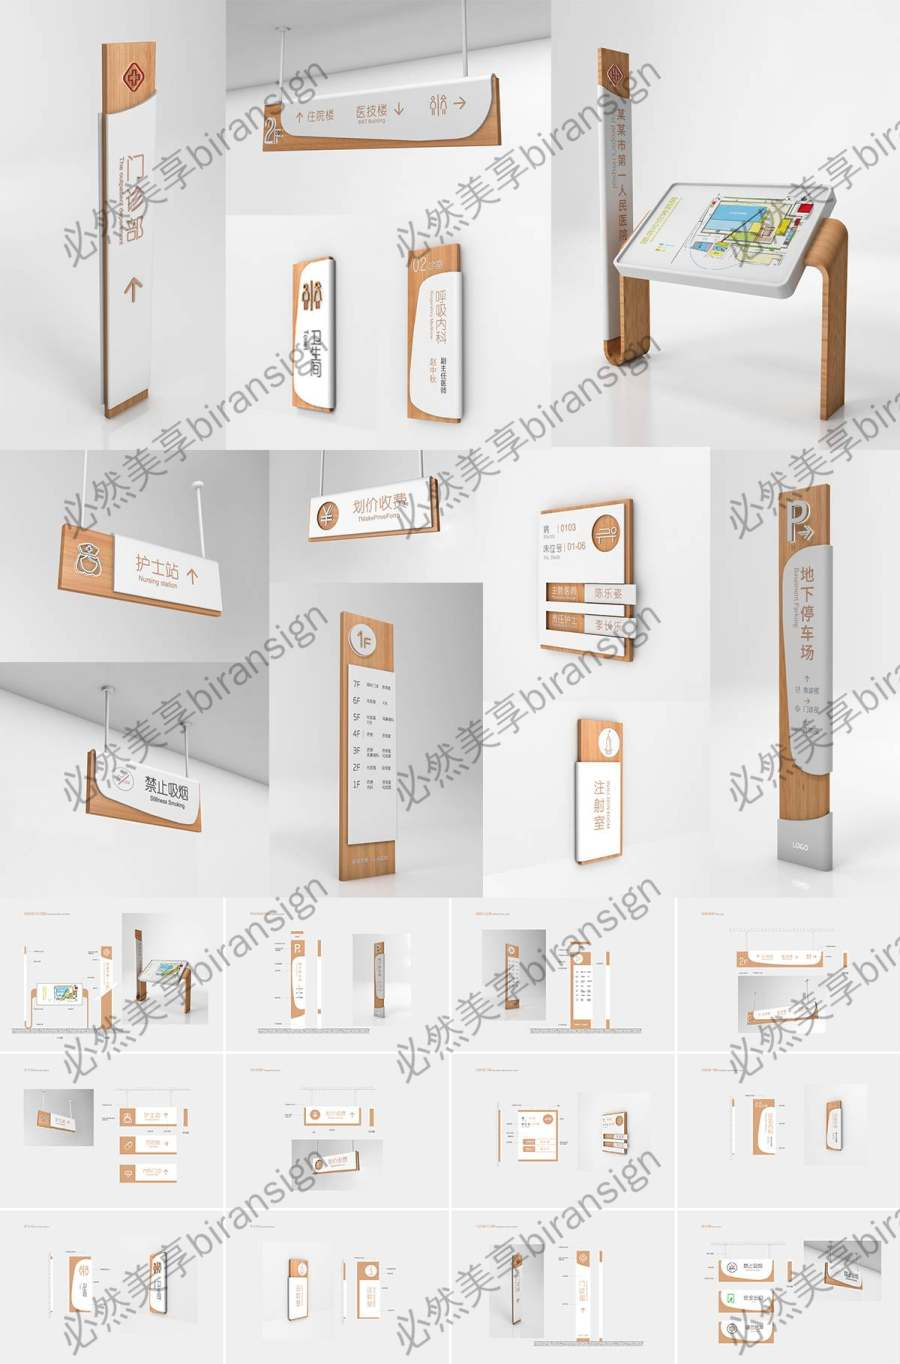 医院卫生系统全套标识vi设计